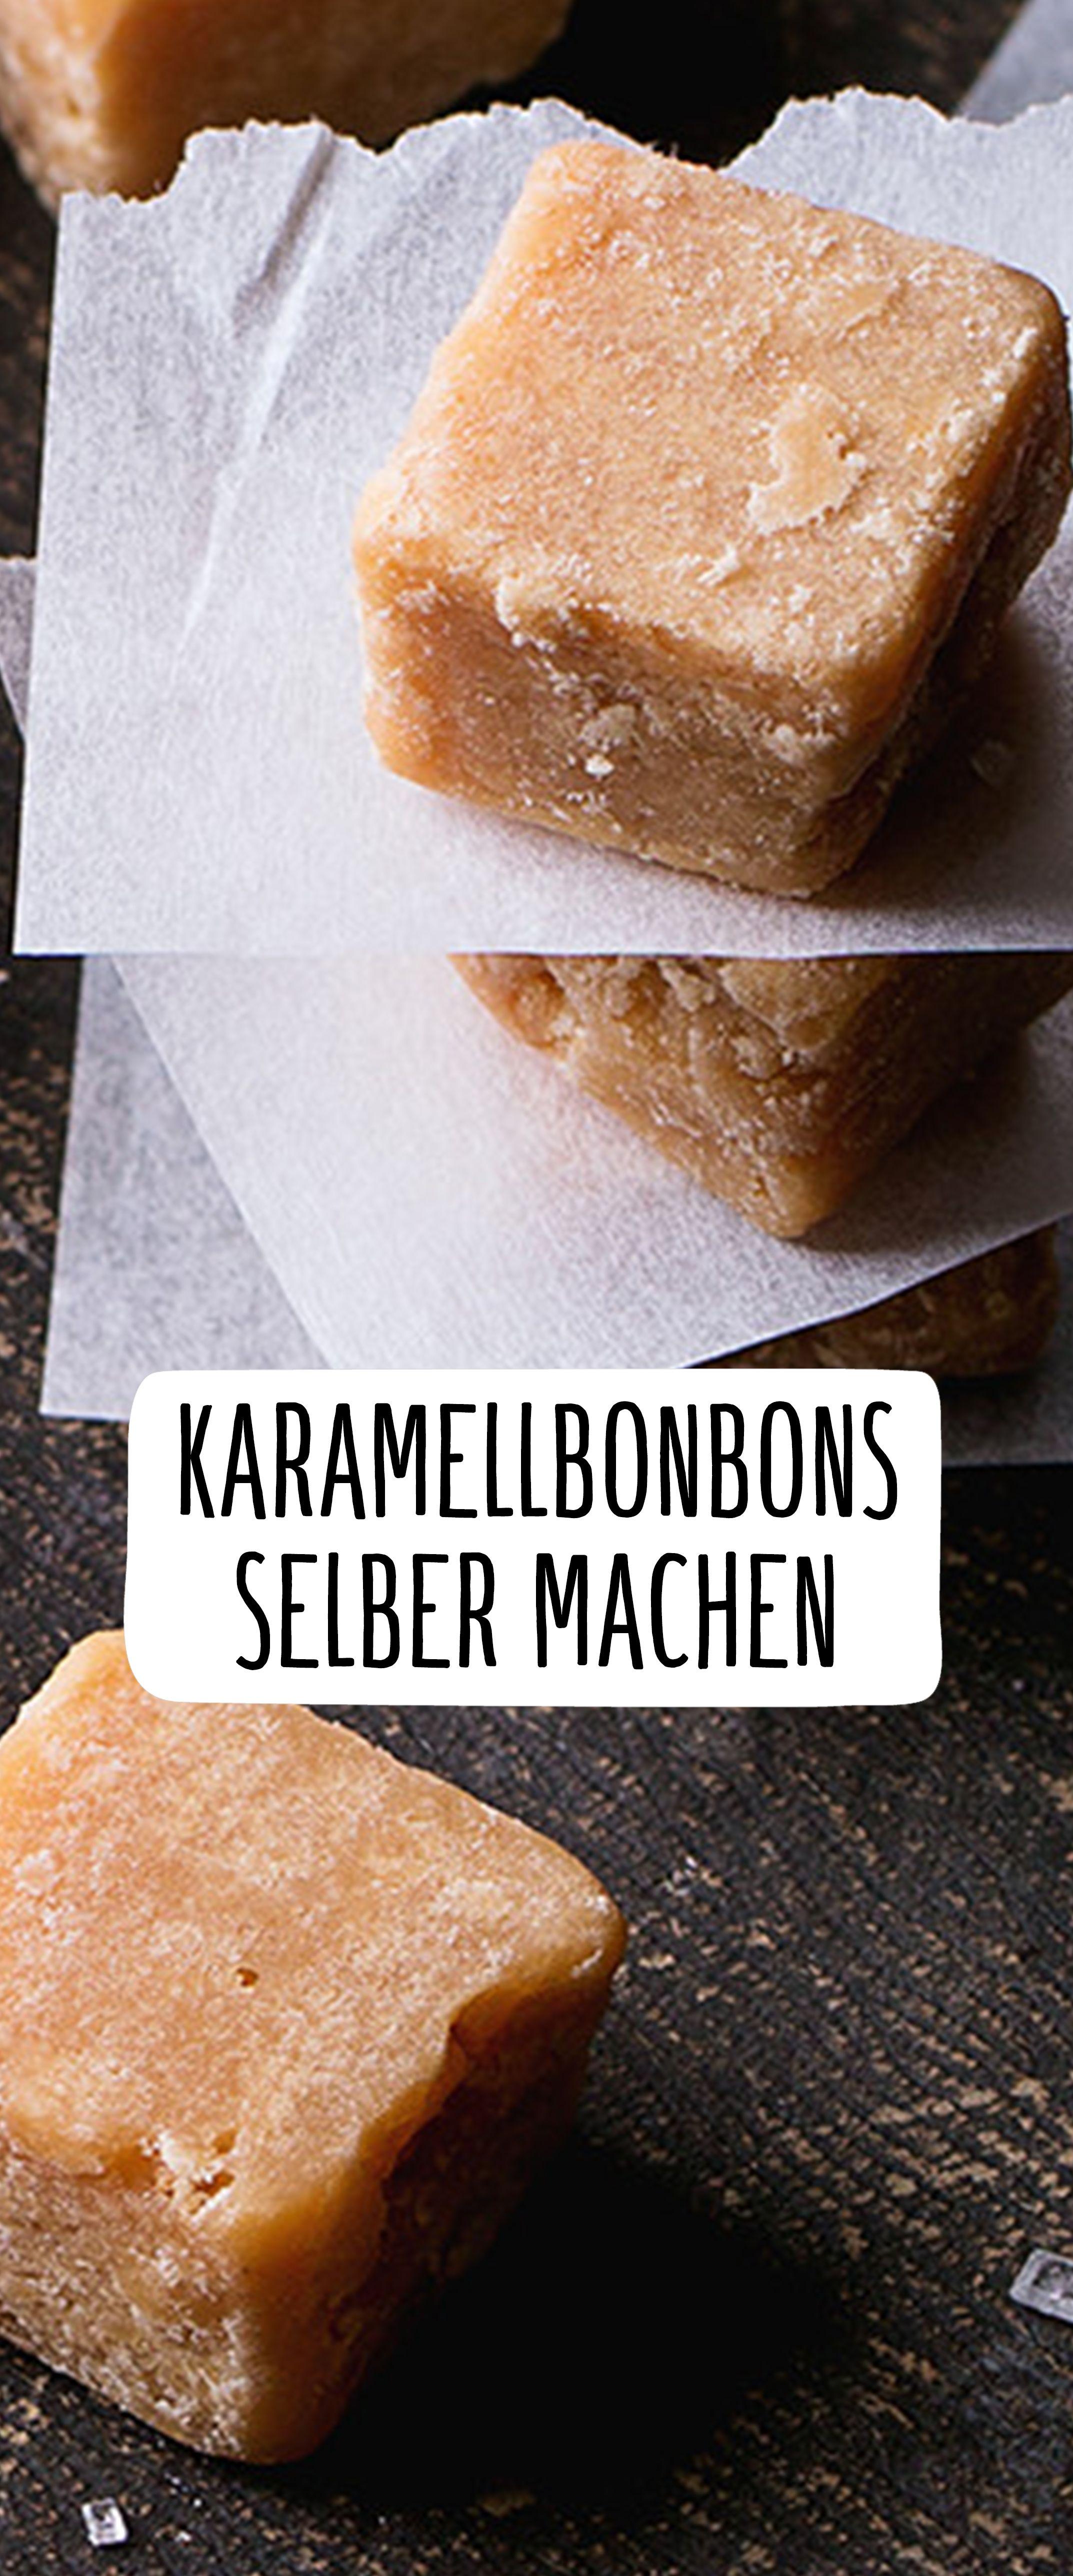 Die zergehen auf der Zunge Karamellbonbons ganz leicht selber ...